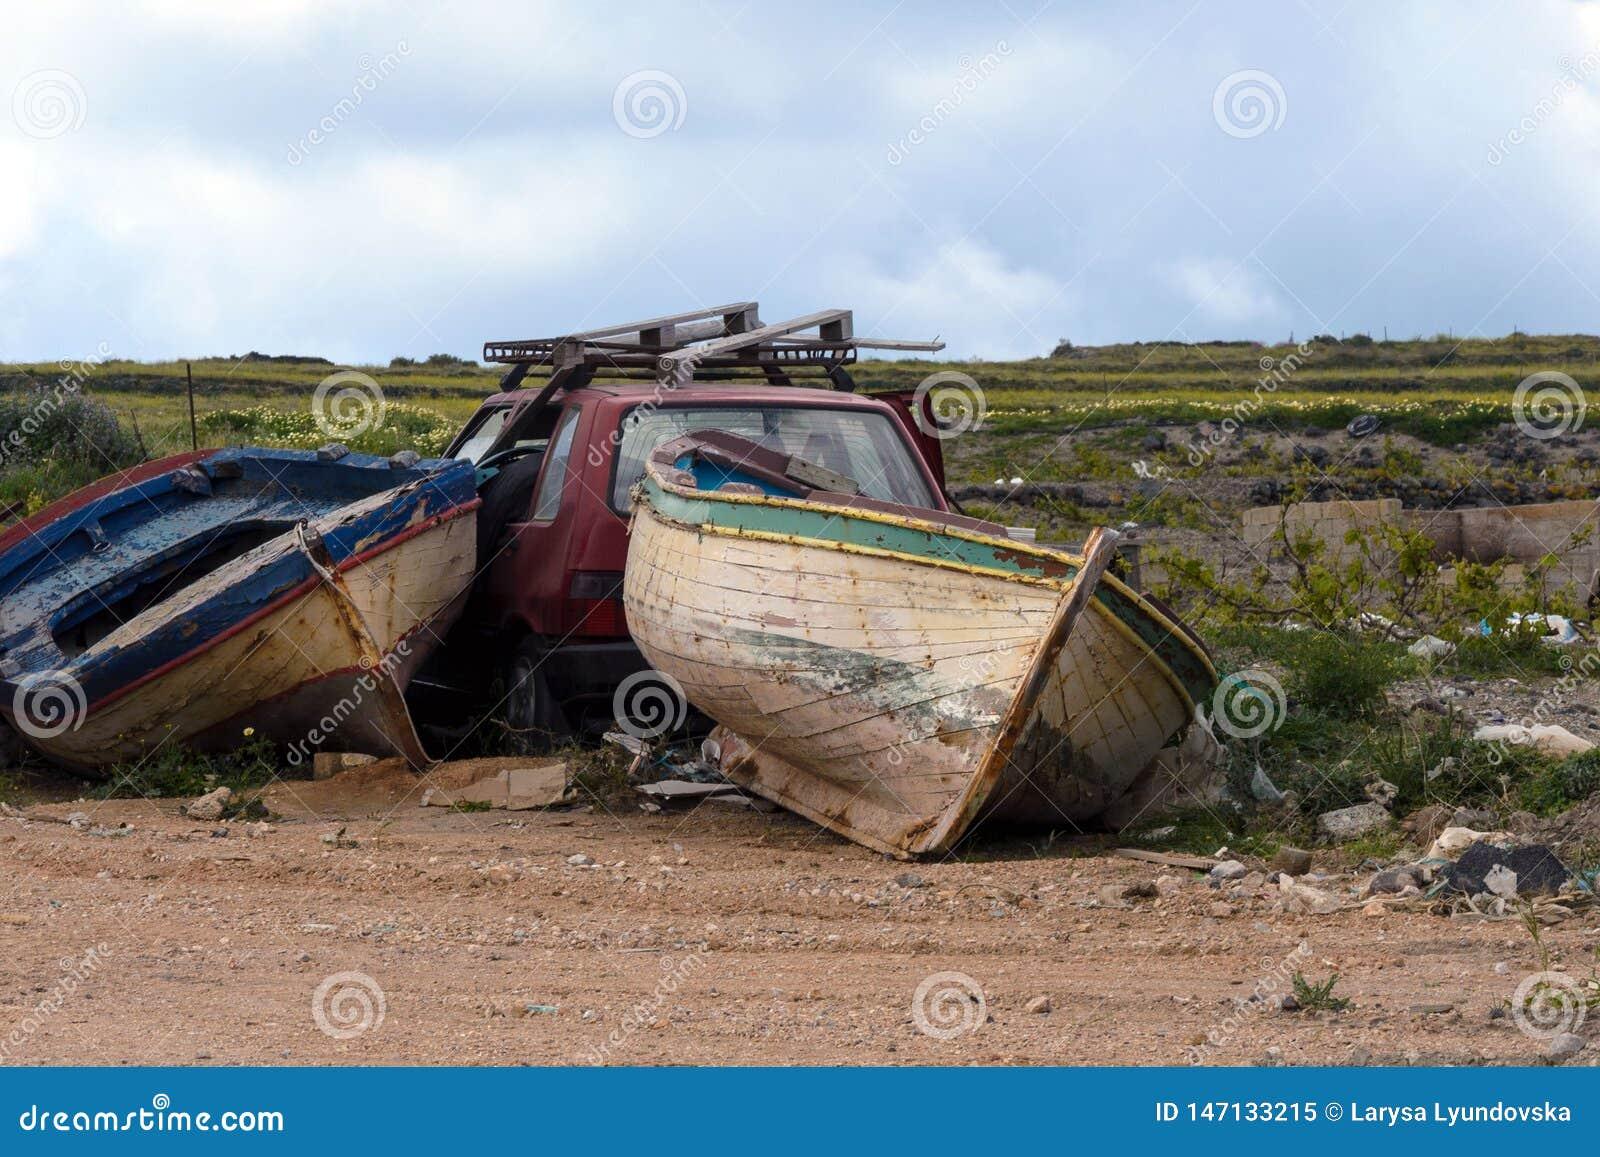 Twee oude verlaten vissersboten en een rode gesloopte auto in een huisvuilstortplaats Verlaten dingen vervoer